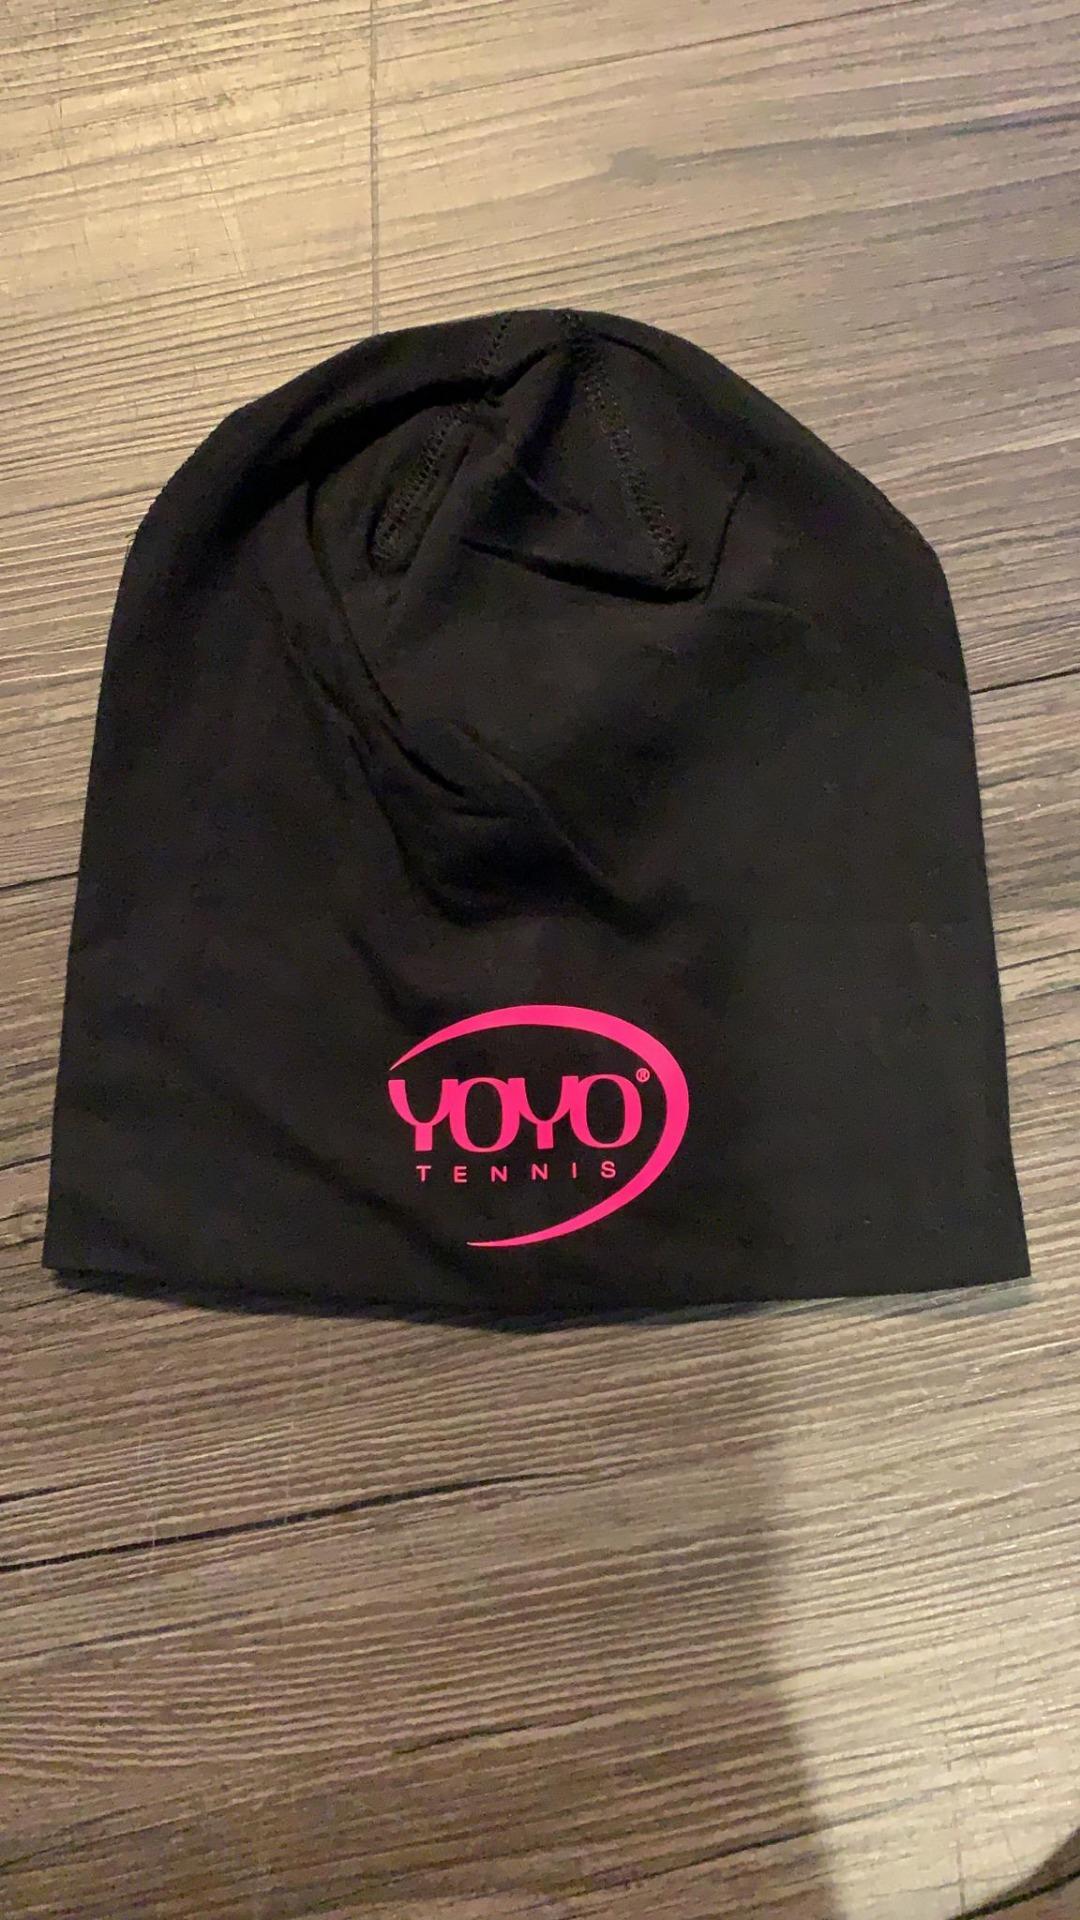 YOYO-TENNIS Cuffia Nera con Logo Rosa 1